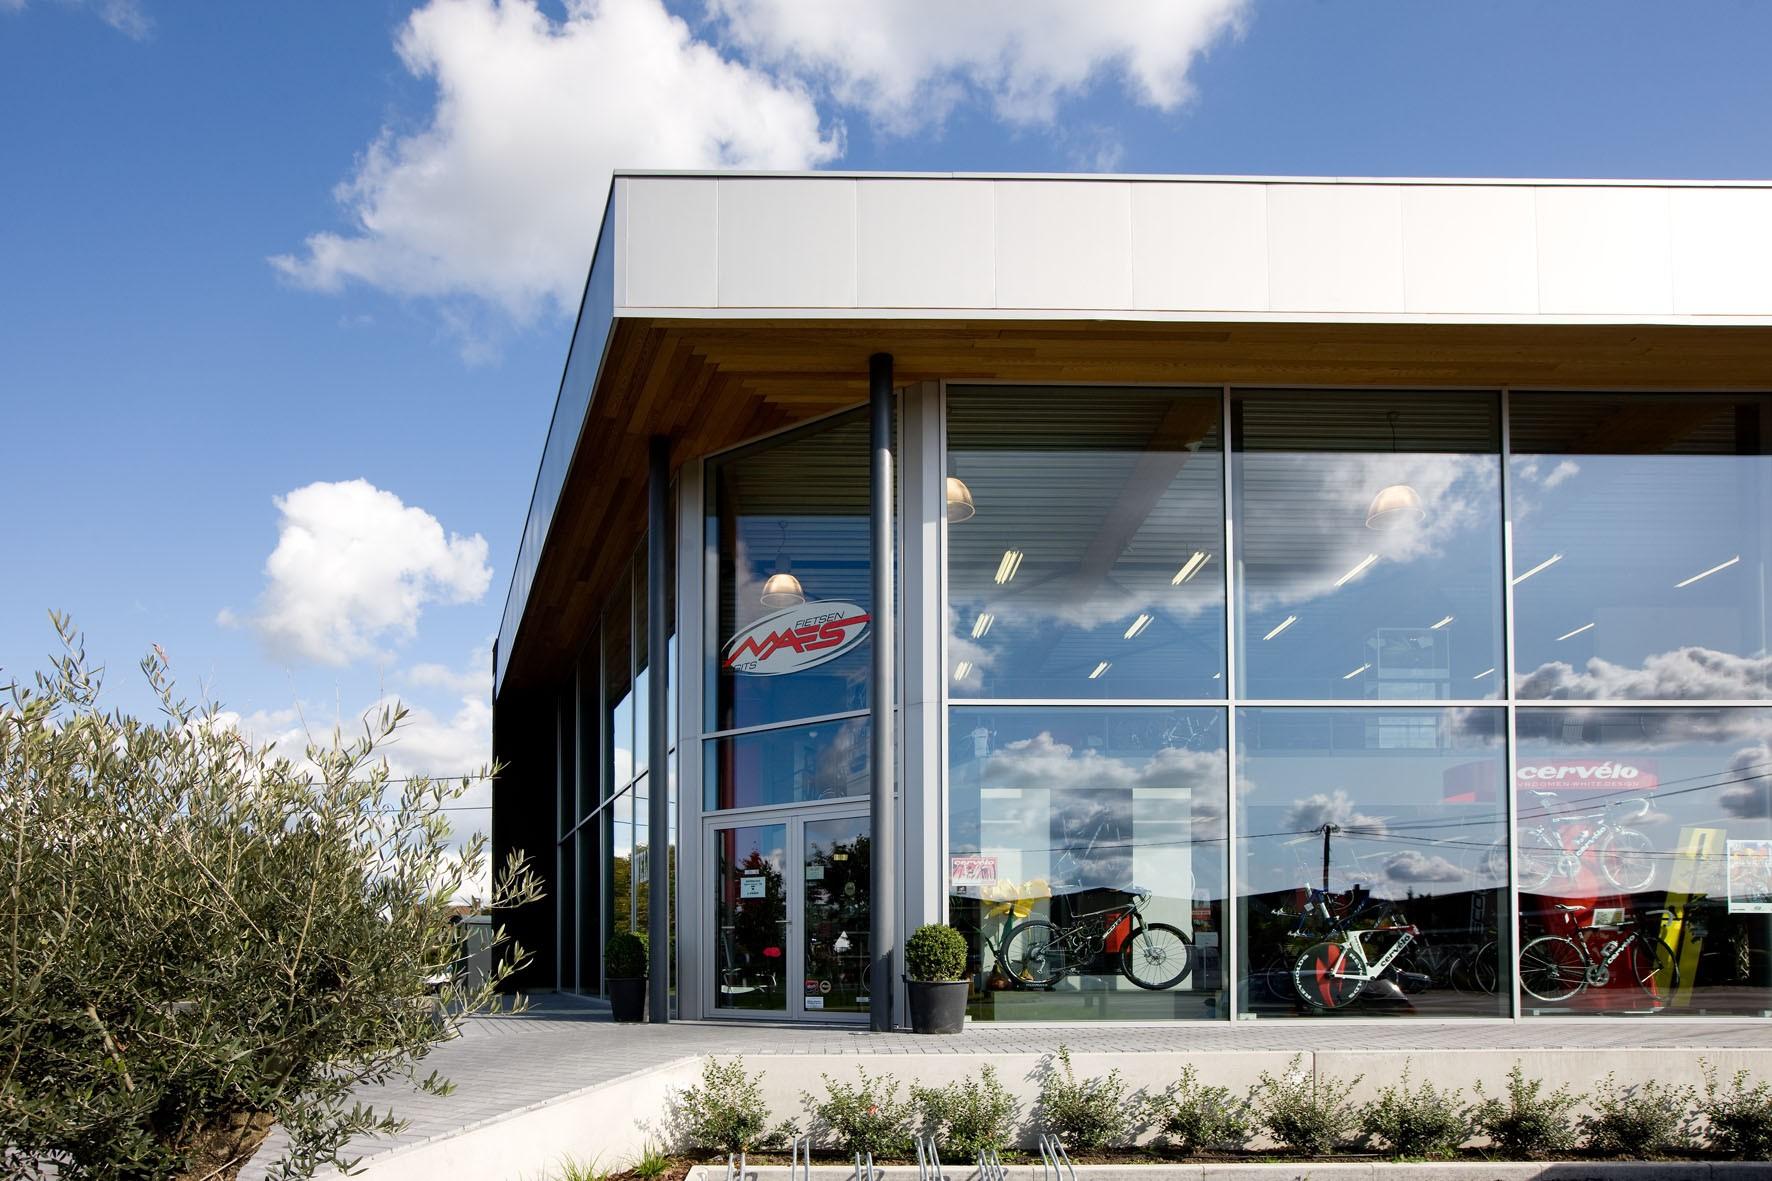 Fietsen Maes Roeselare- winkel (8).jpg